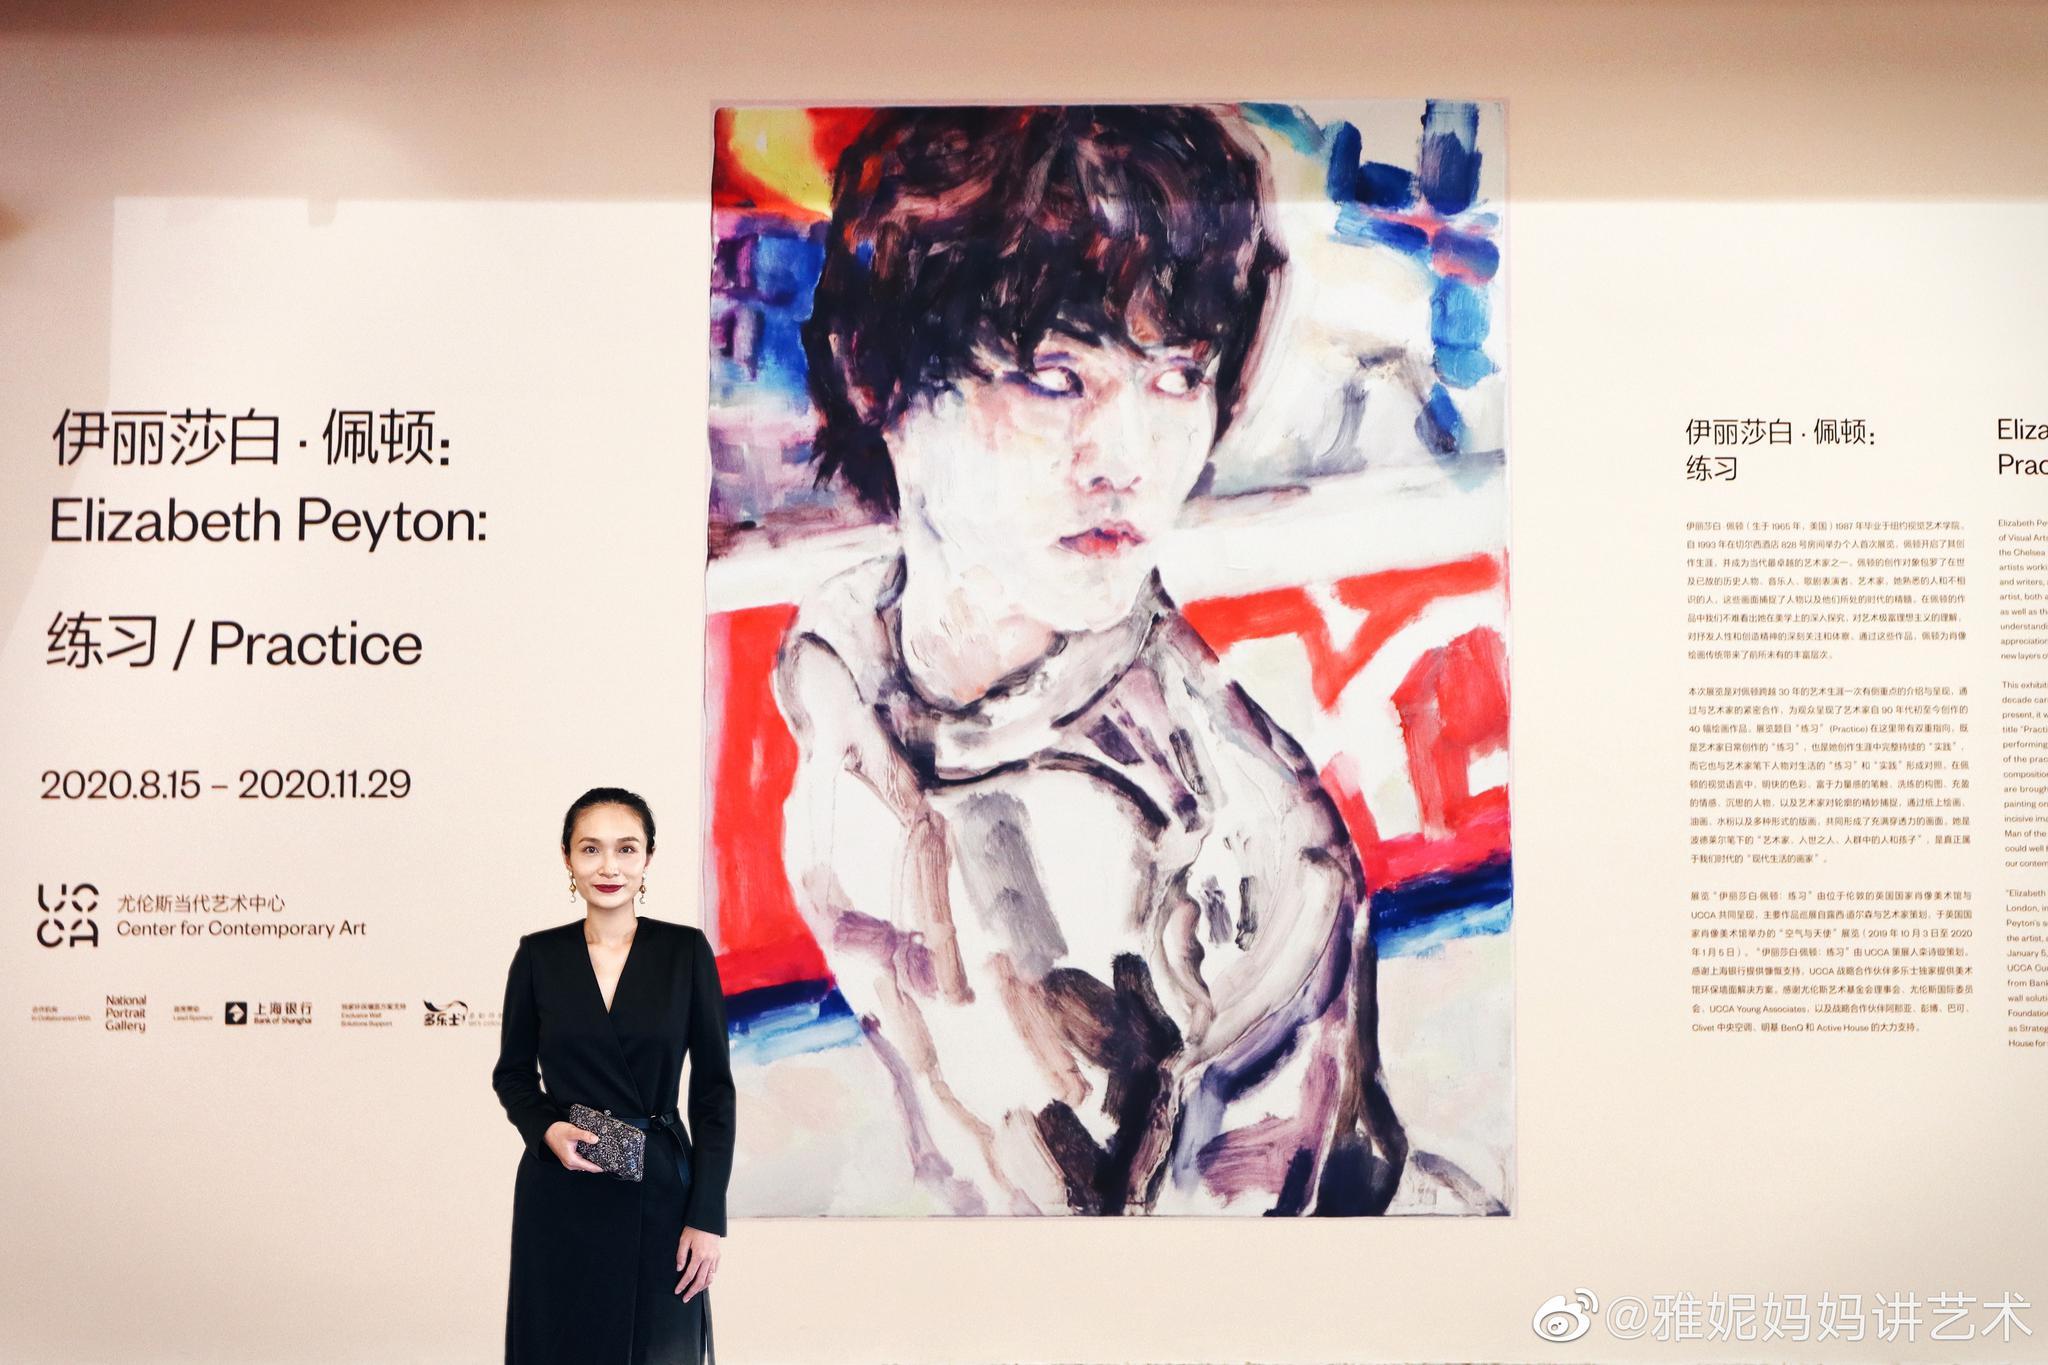 伊丽莎白·佩顿在中国的首次个展来了